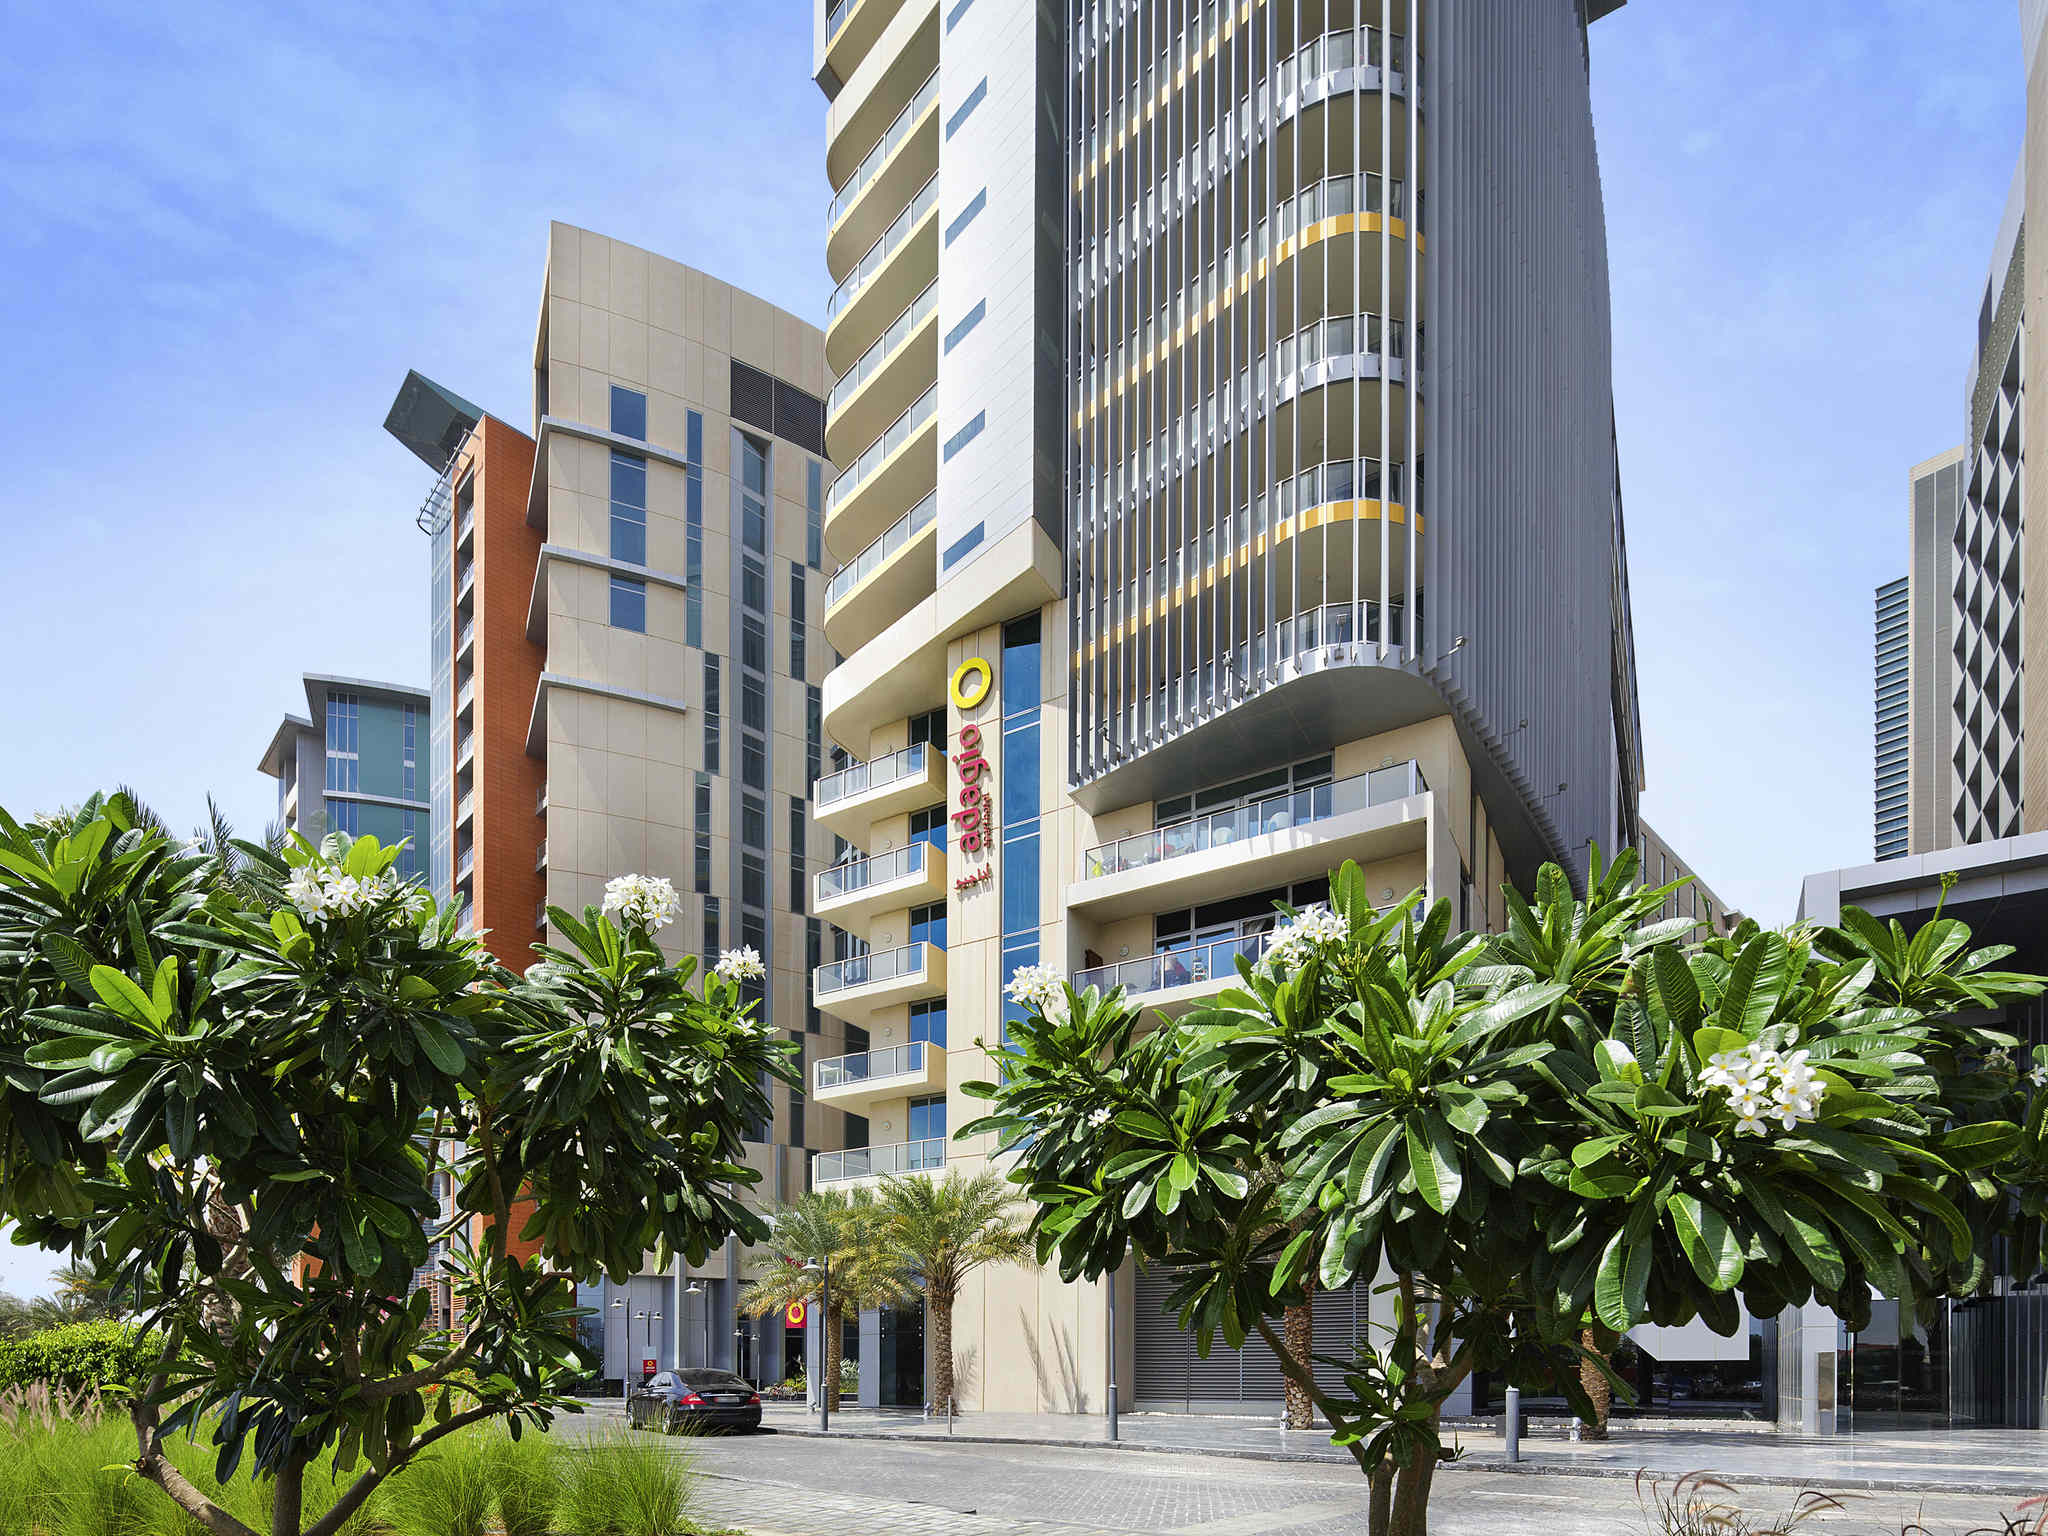 Hotel in abu dhabi aparthotel adagio al bustan with pool for Adagio hotel appart